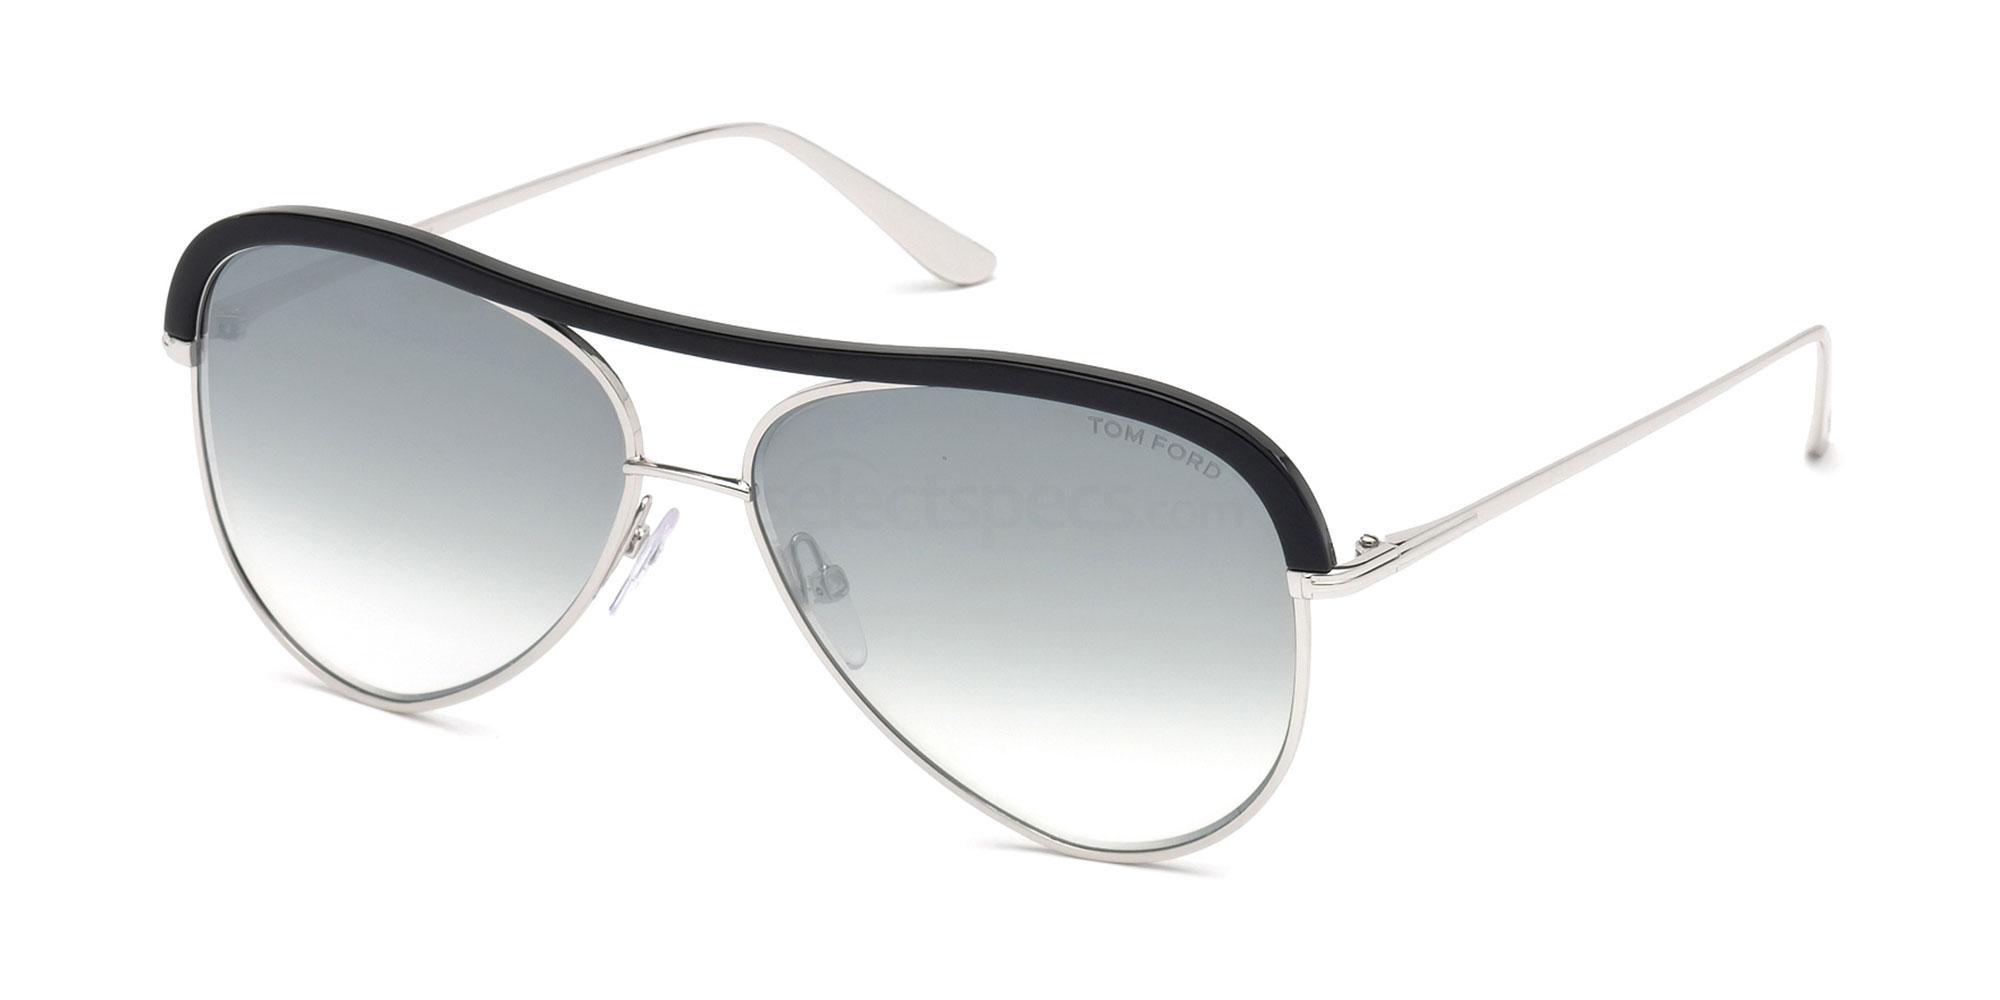 18B FT0606 Sunglasses, Tom Ford